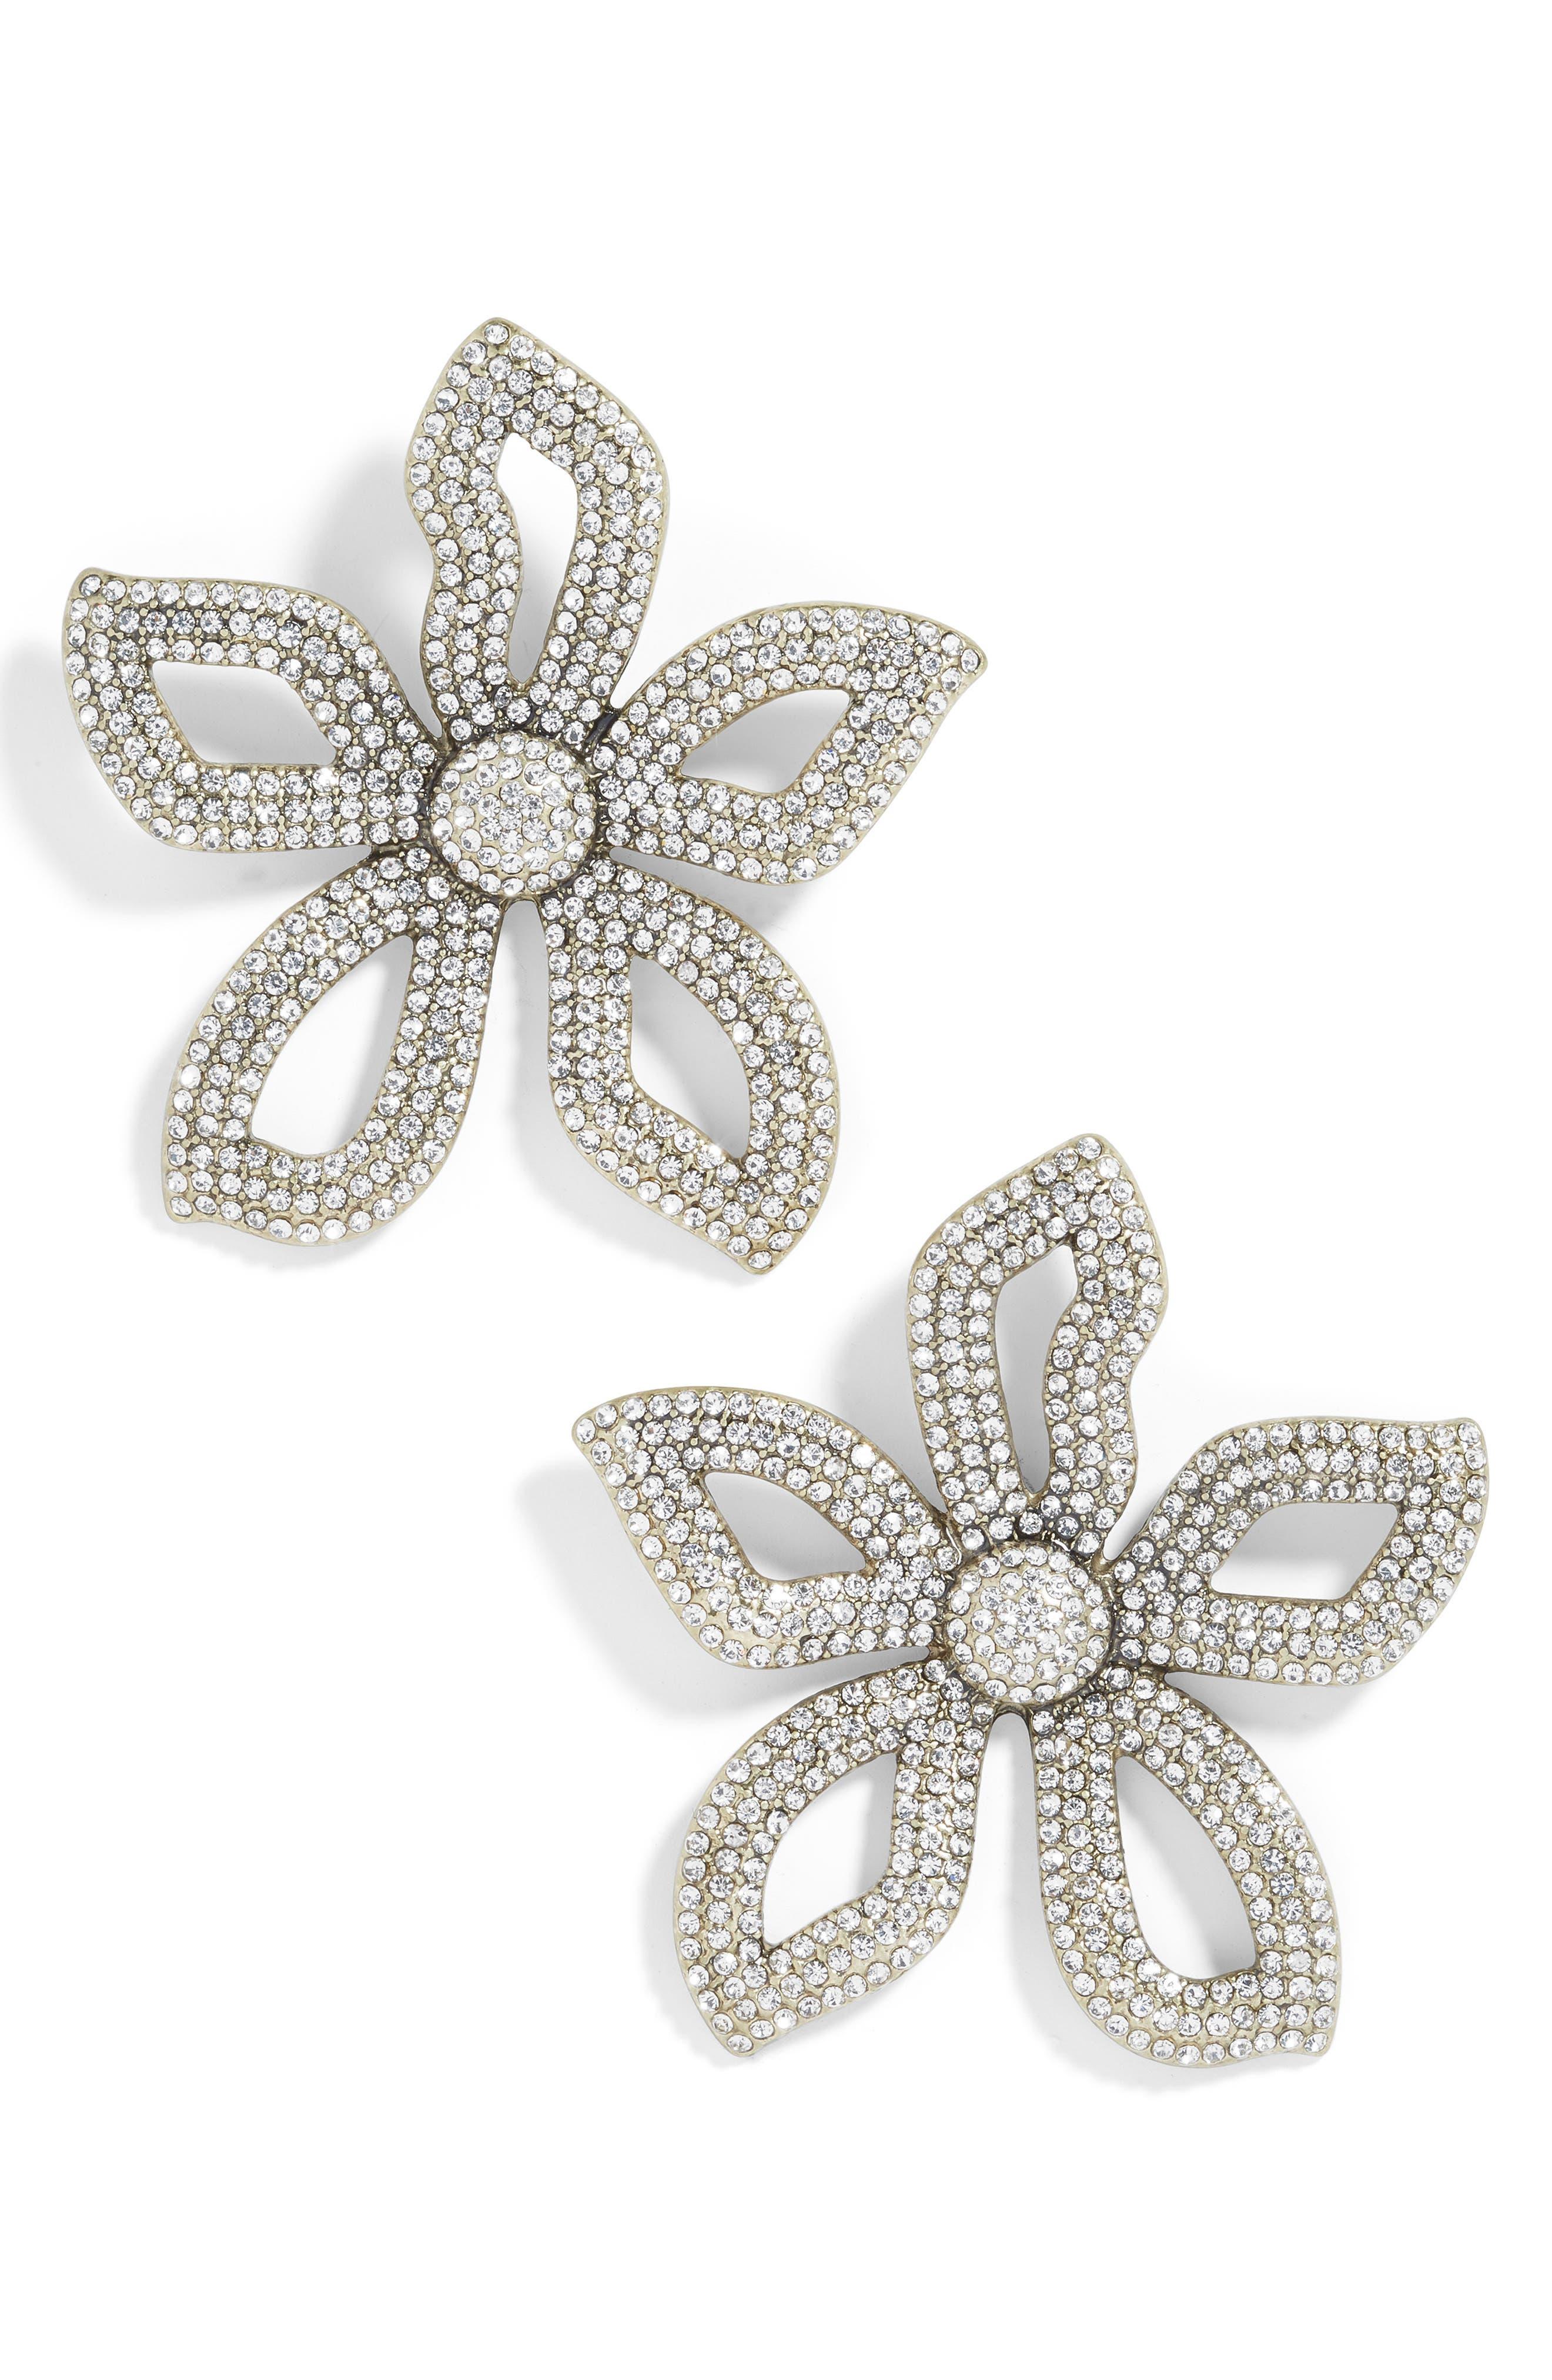 BAUBLEBAR Primina Flower Drop Earrings in Clear